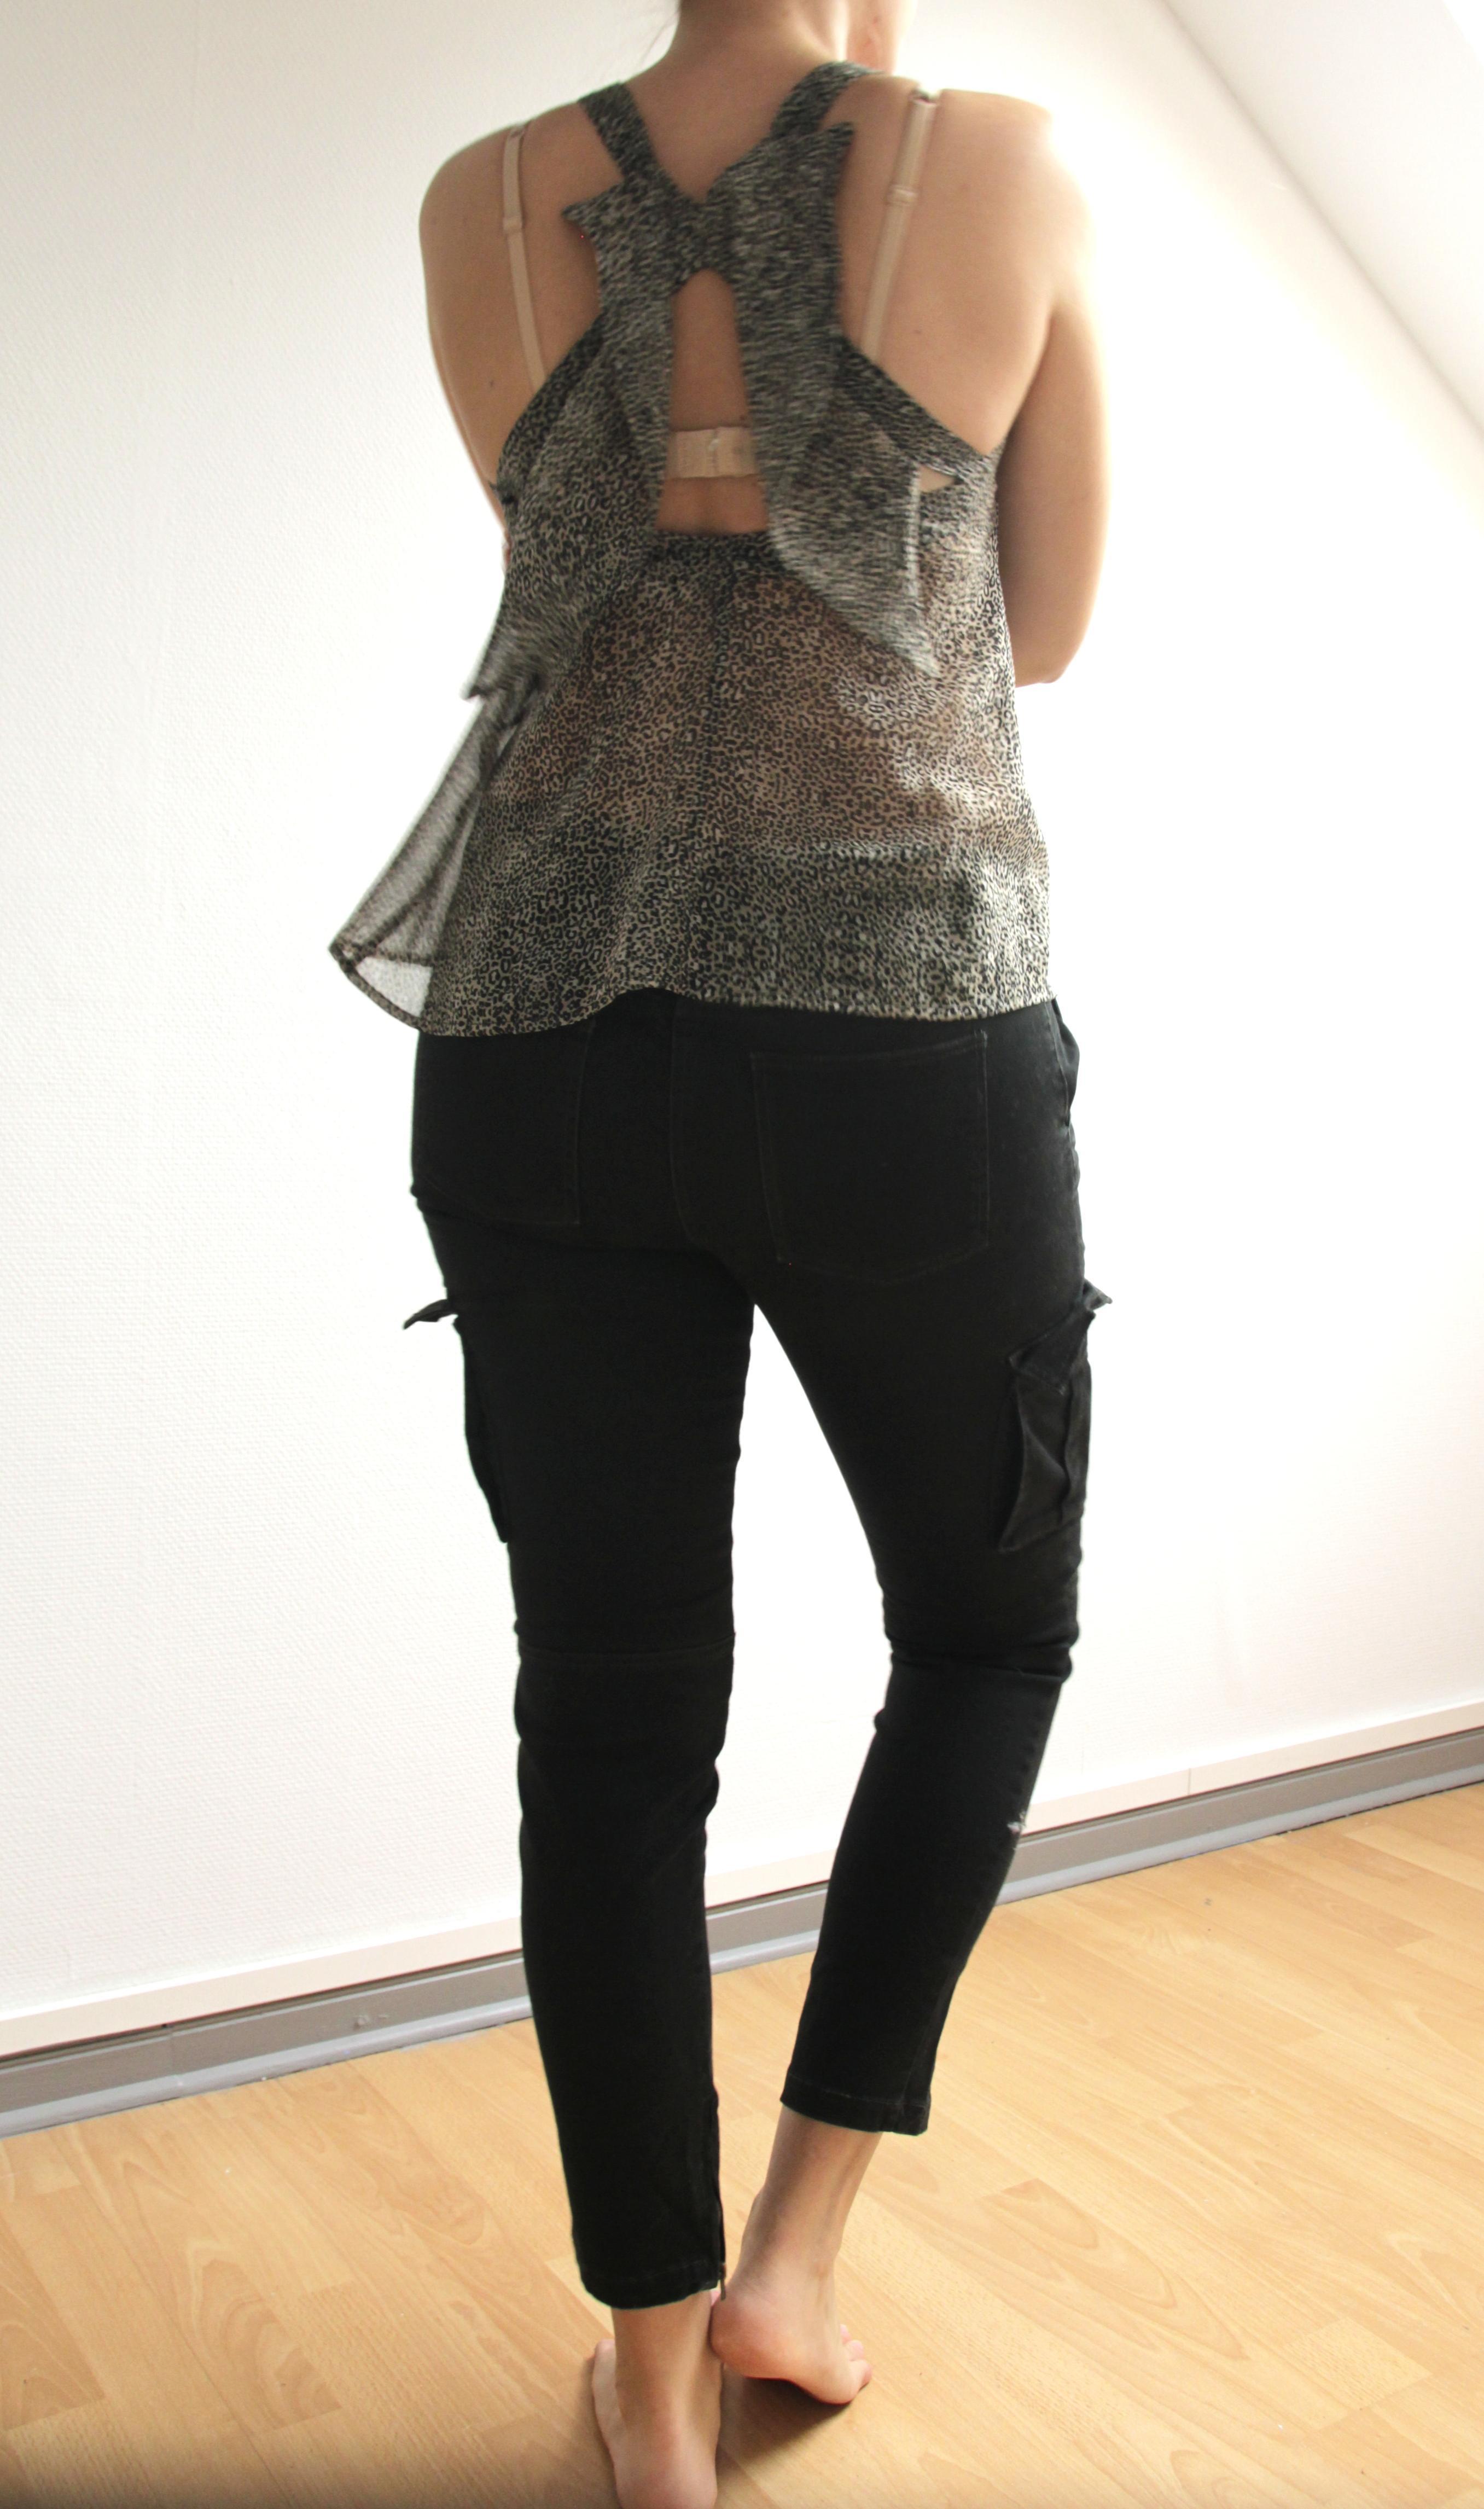 troc de troc don pantalon noir 7/8 marque monoprix taille 40 image 2